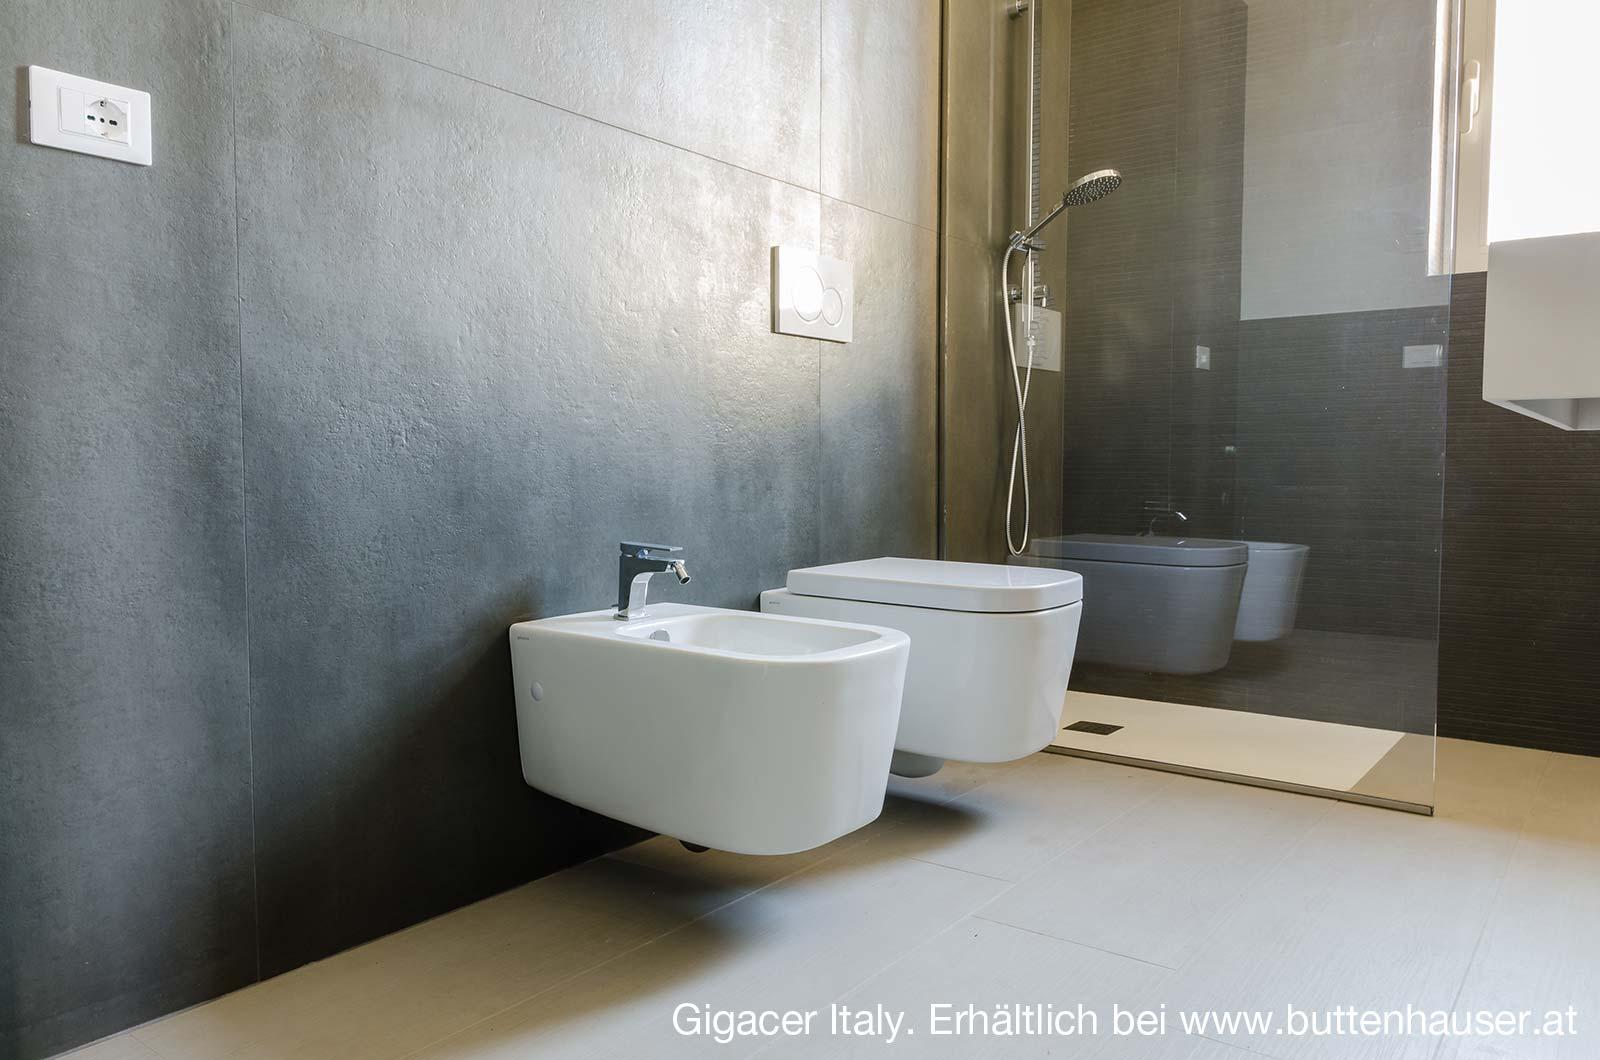 Fliesen für ein kleines Bad - BUTTENHAUSER I Fliesen, Bad, Parkett ...